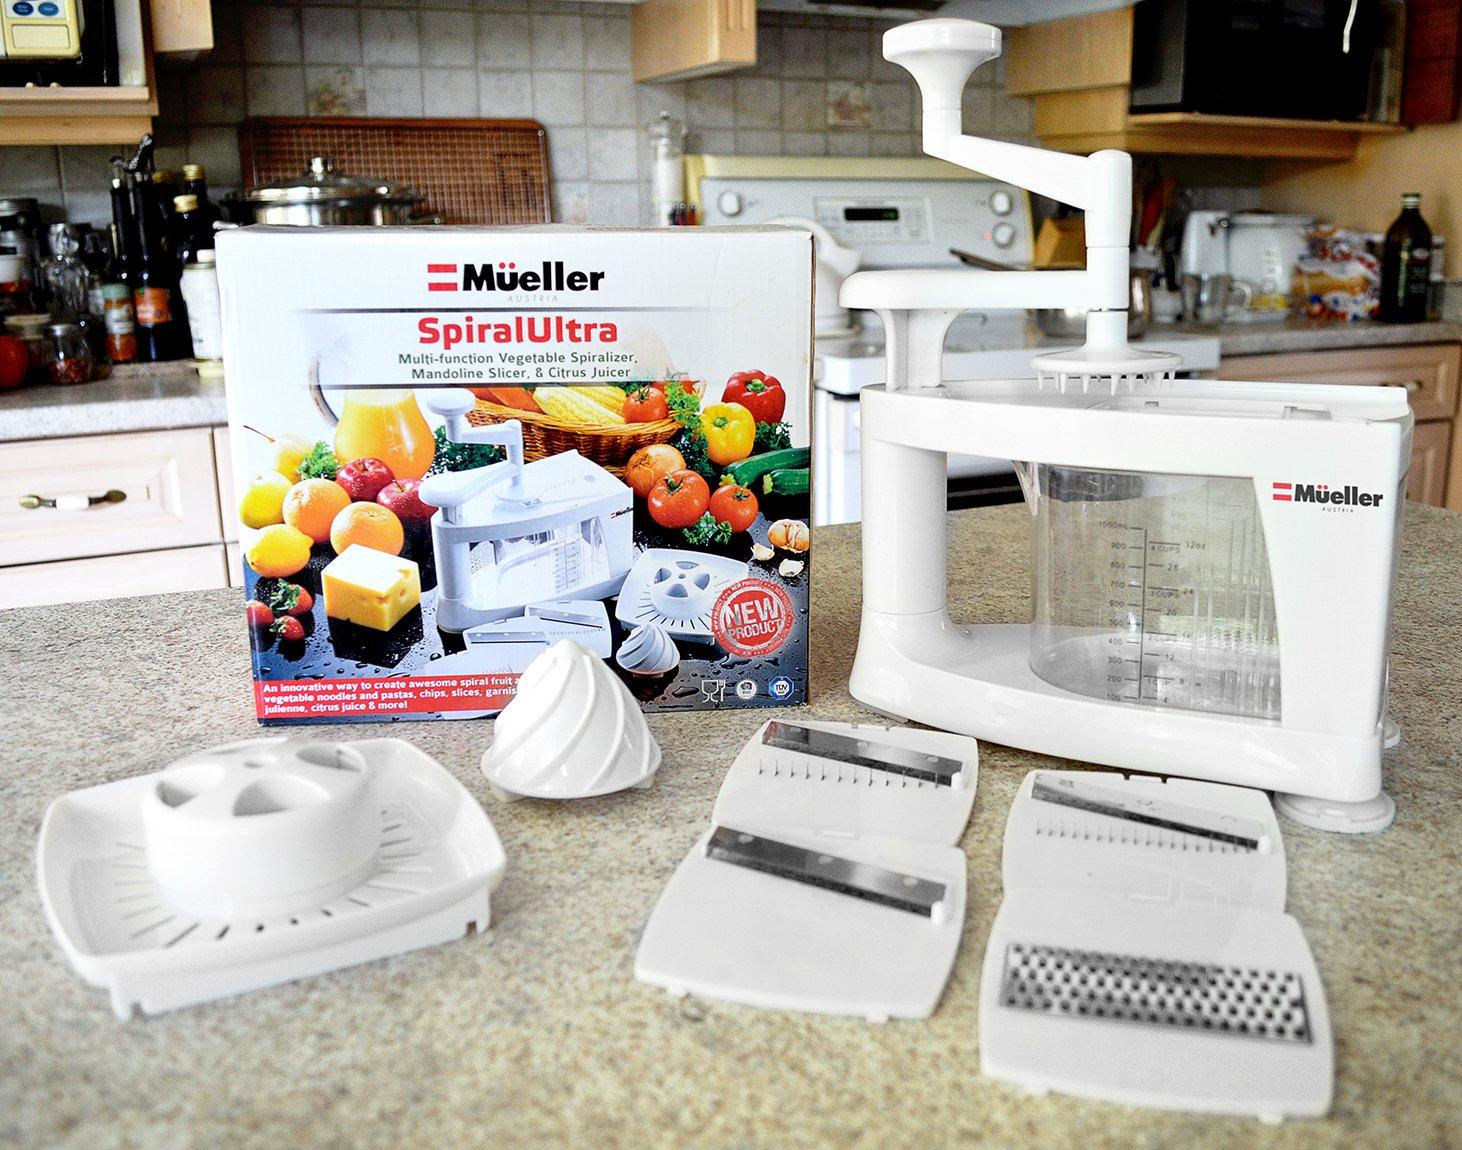 Mueller Spiral-Ultra Multi-Blade Spiralizer, 8 into 1 Spiral Slicer, Heavy Duty Salad Utensil, Vegetable Pasta Maker and Mandoline Slicer for Low Carb/Paleo/Gluten-Free Meals by Mueller (Image #6)